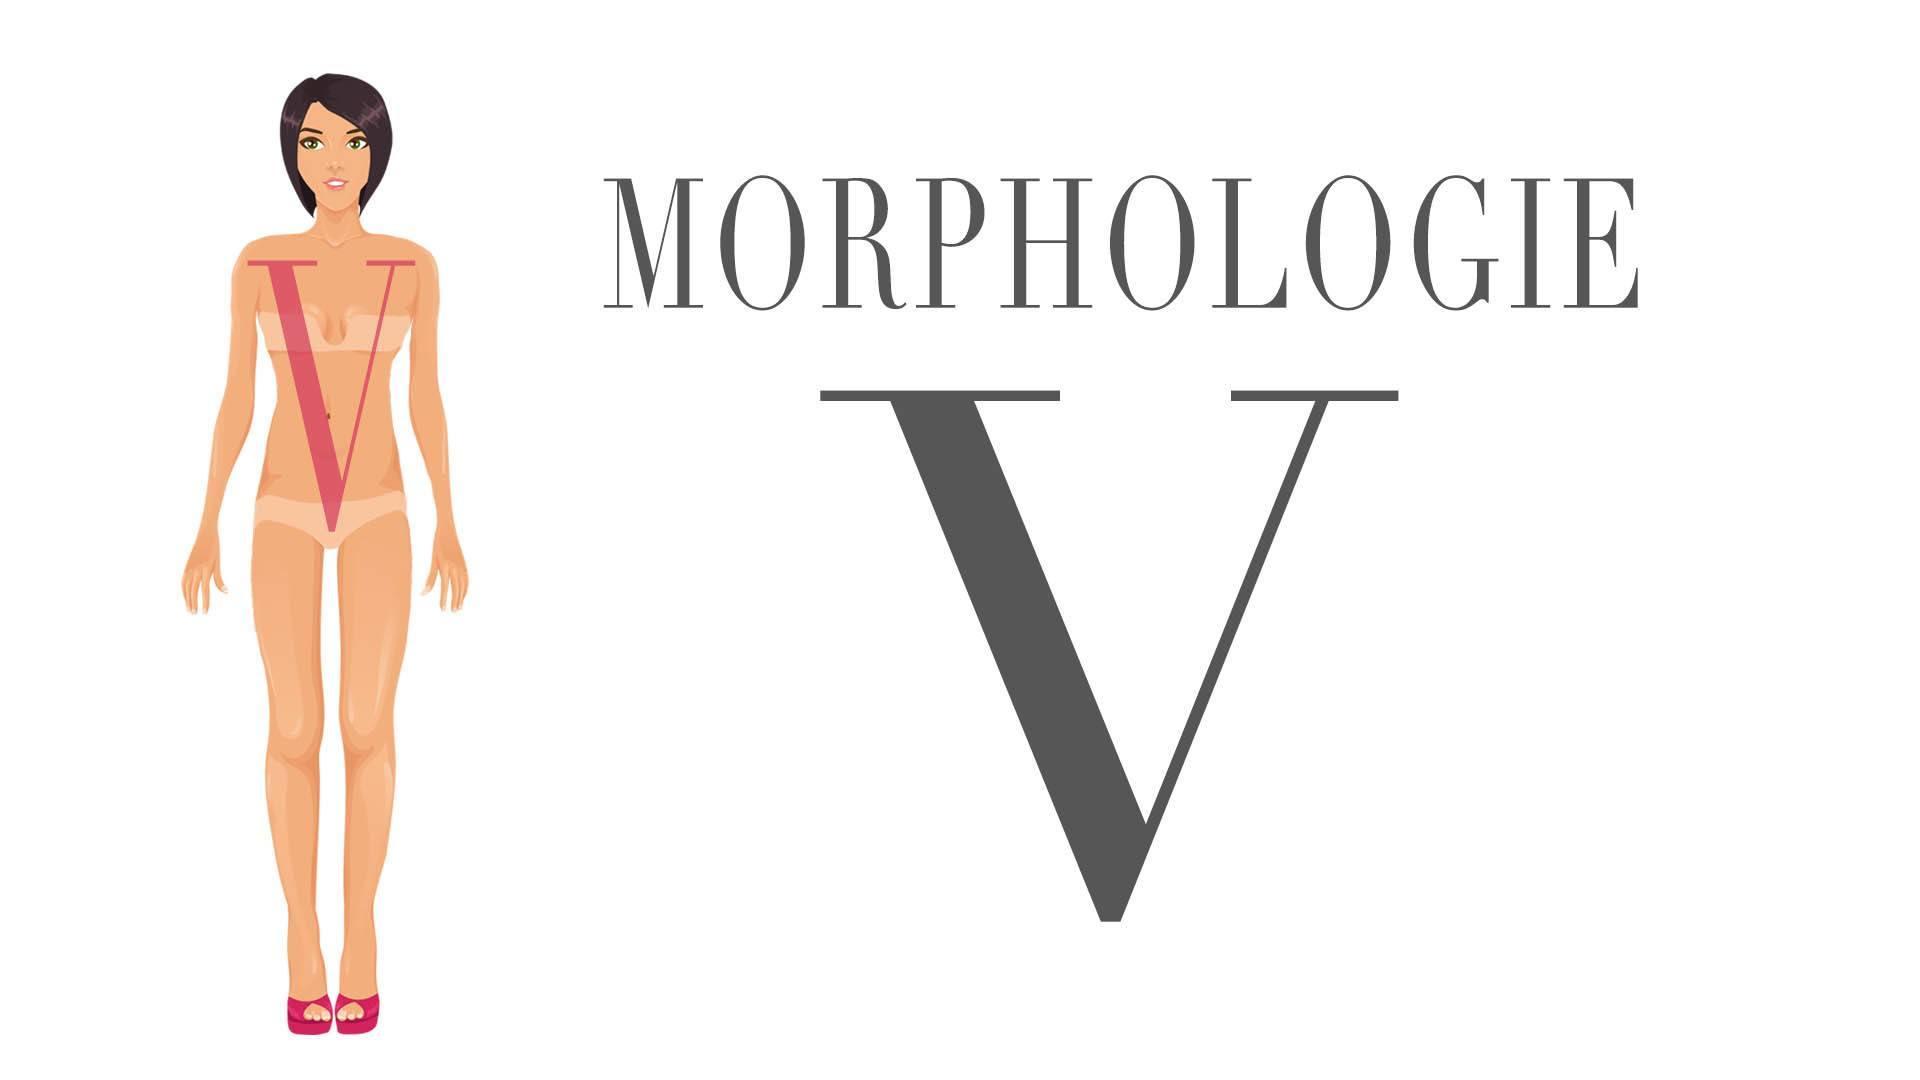 Image de la morphologie en V